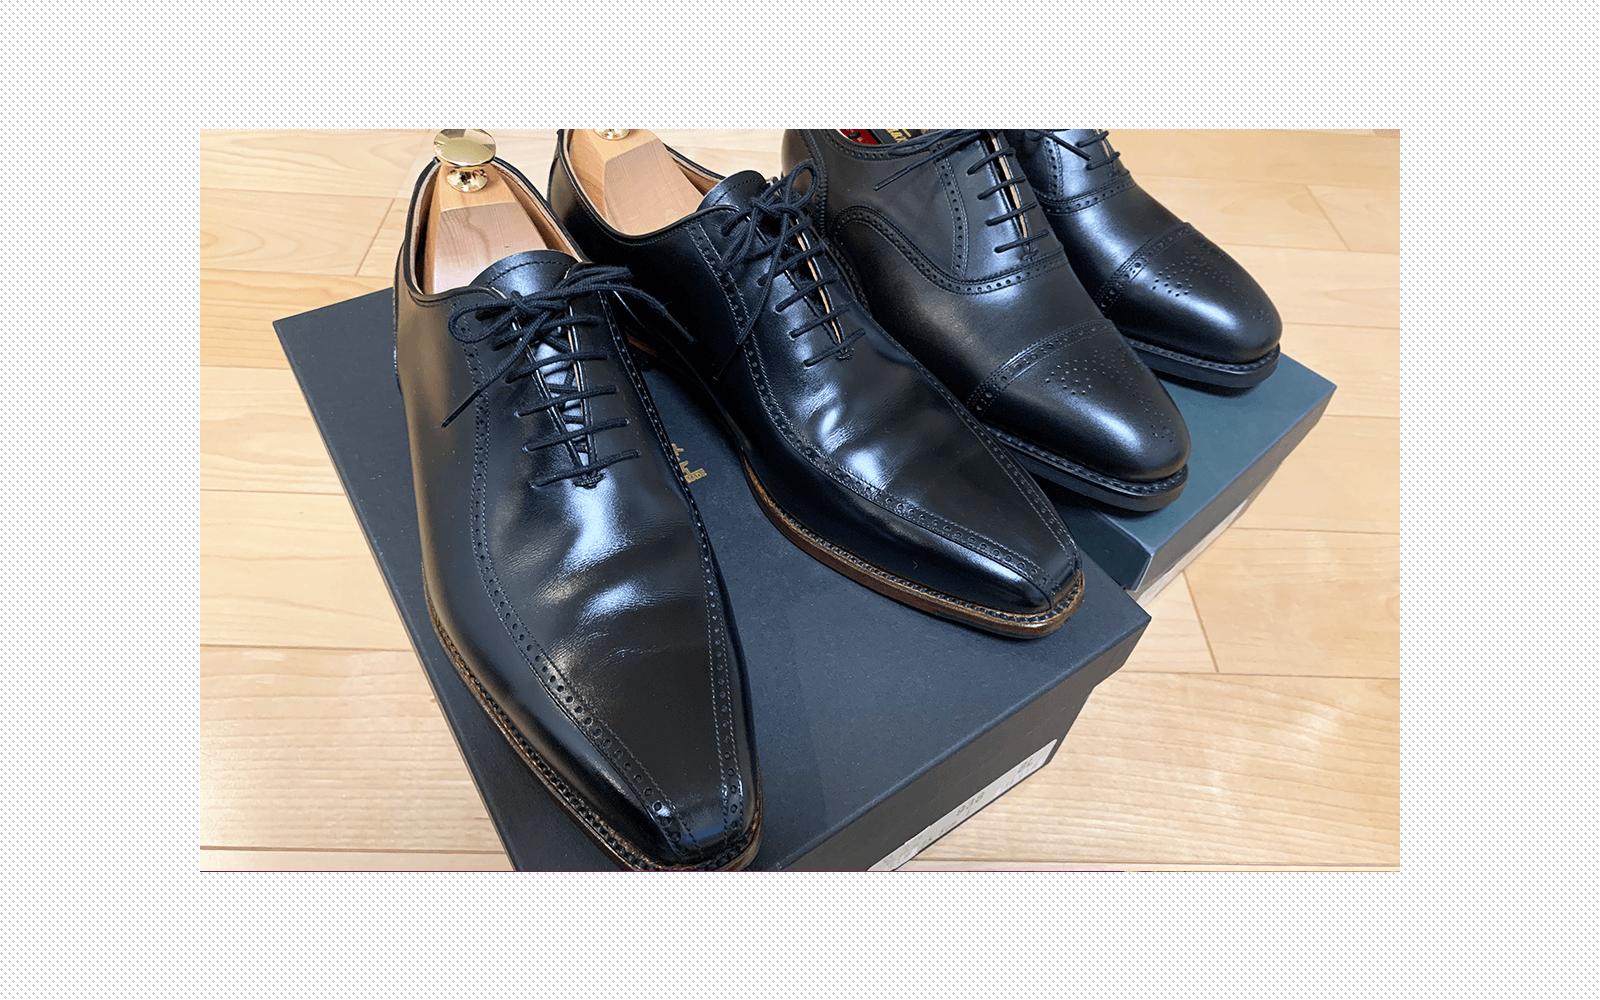 GRAIN(スコッチグレイン)の靴を買いました。